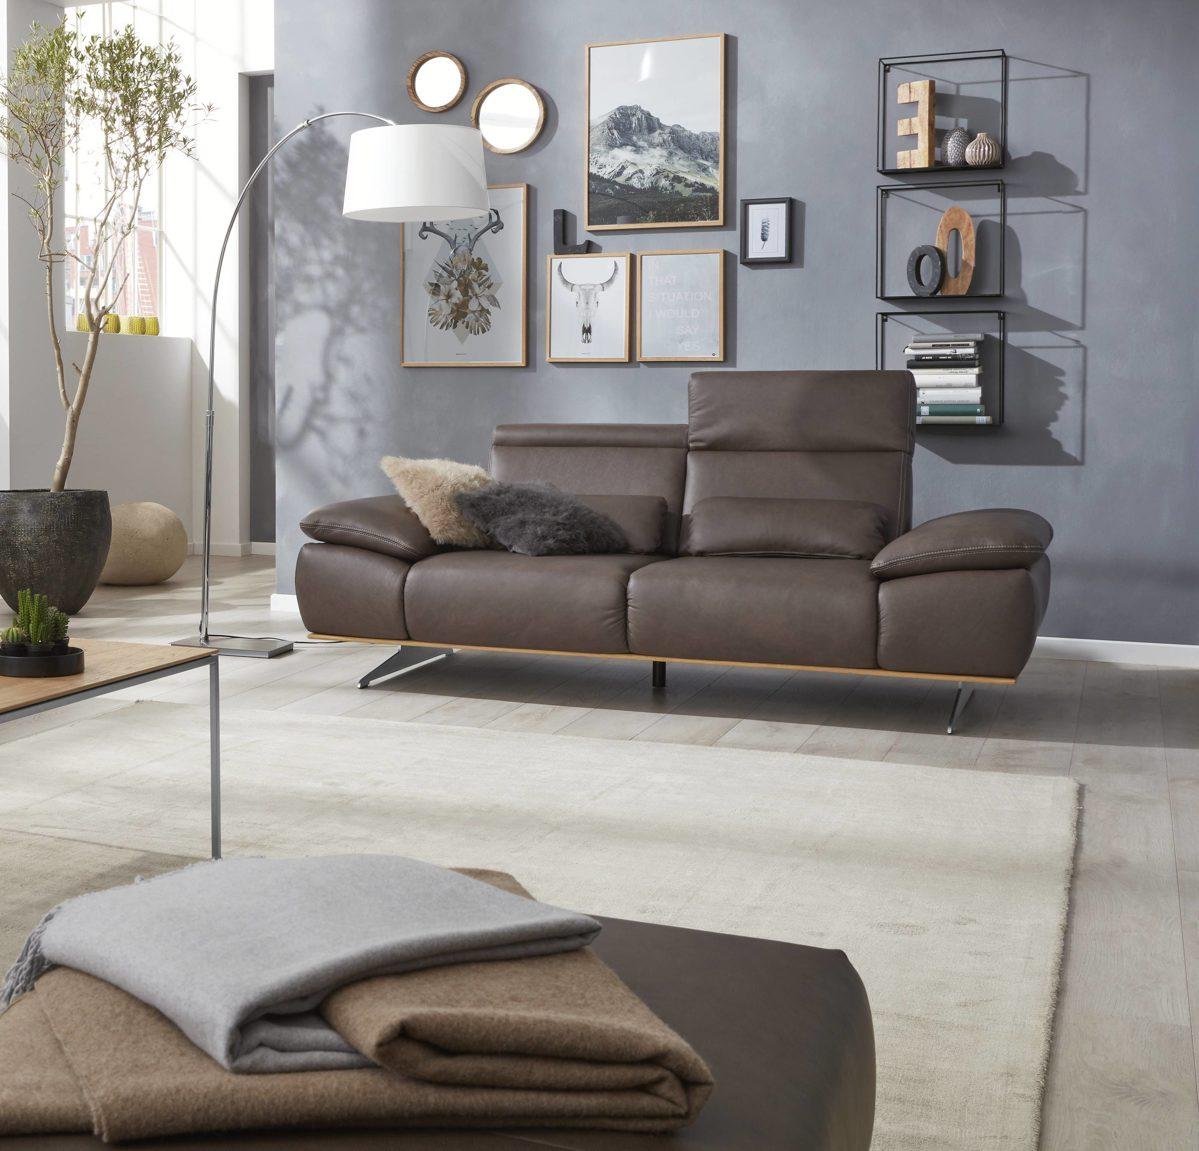 Full Size of Esszimmer Sofa Ikea Grau Couch 3 Sitzer Leder Interliving Serie 4350 2 Spannbezug Eck Mit Verstellbarer Sitztiefe Mega Kleines Togo überzug Schlaf Erpo Sofa Esszimmer Sofa